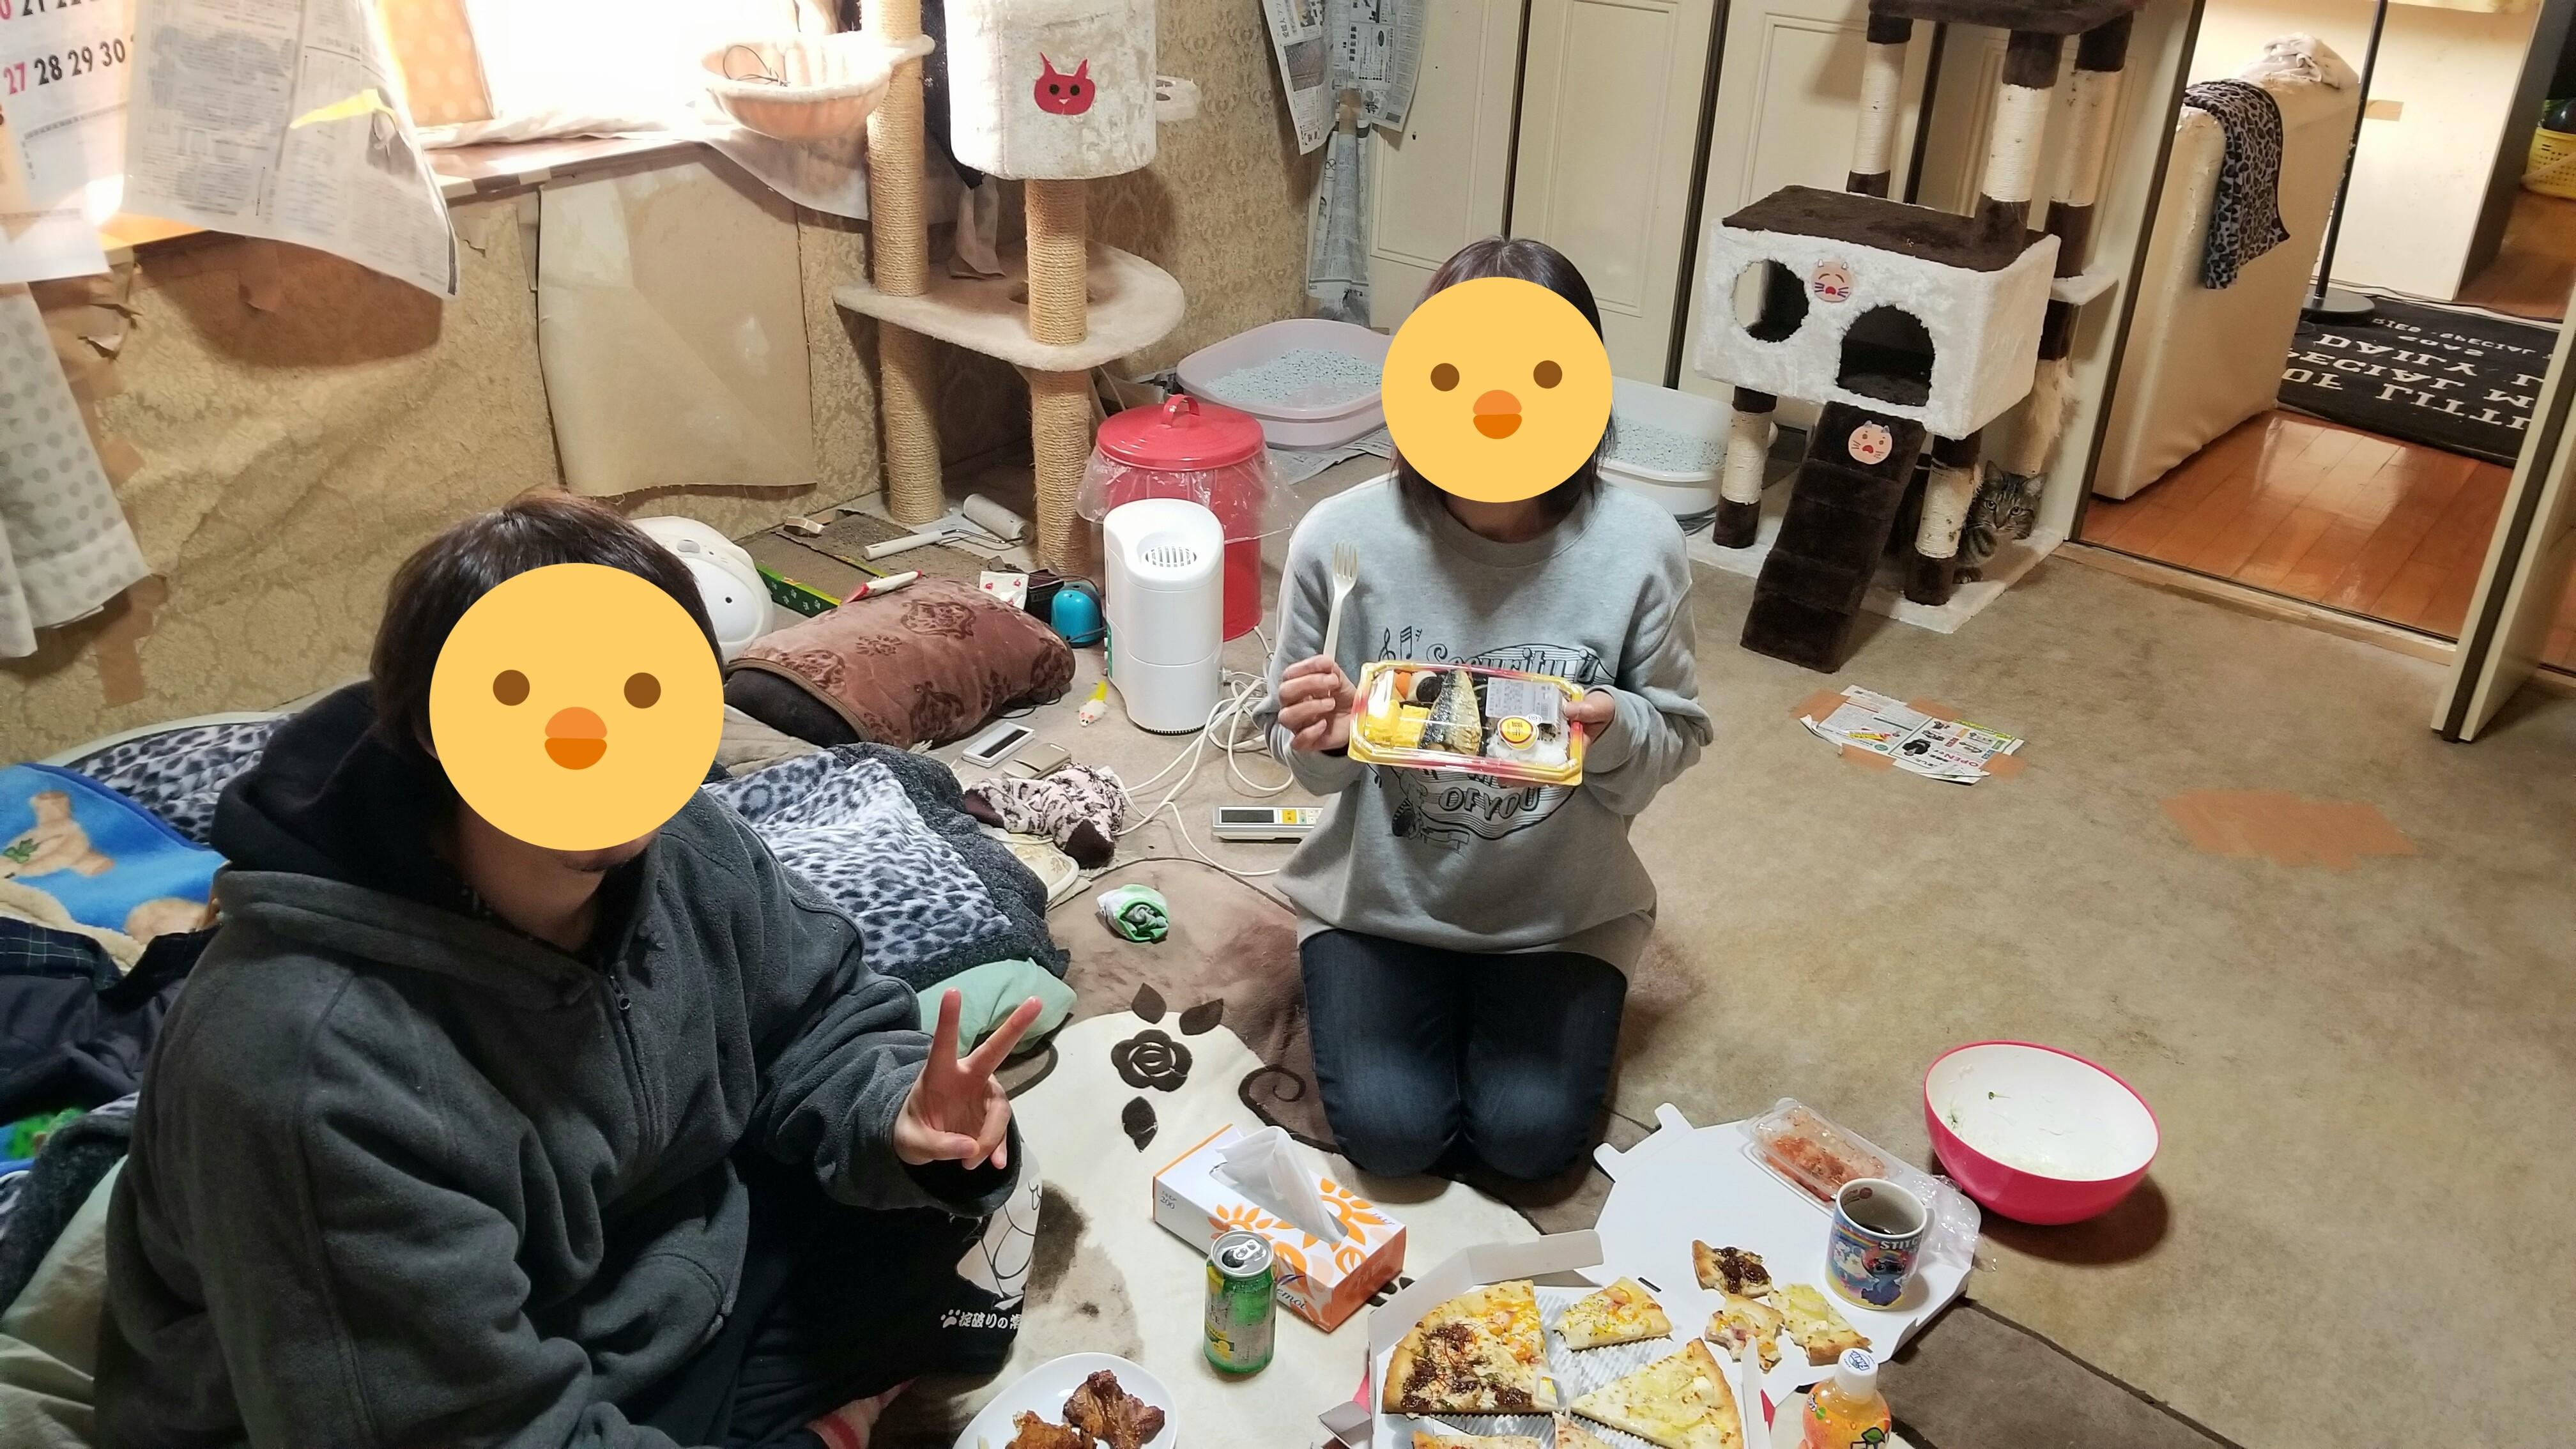 2019親戚とクリスマス会チキンケーキピザおいしい楽しかった1日